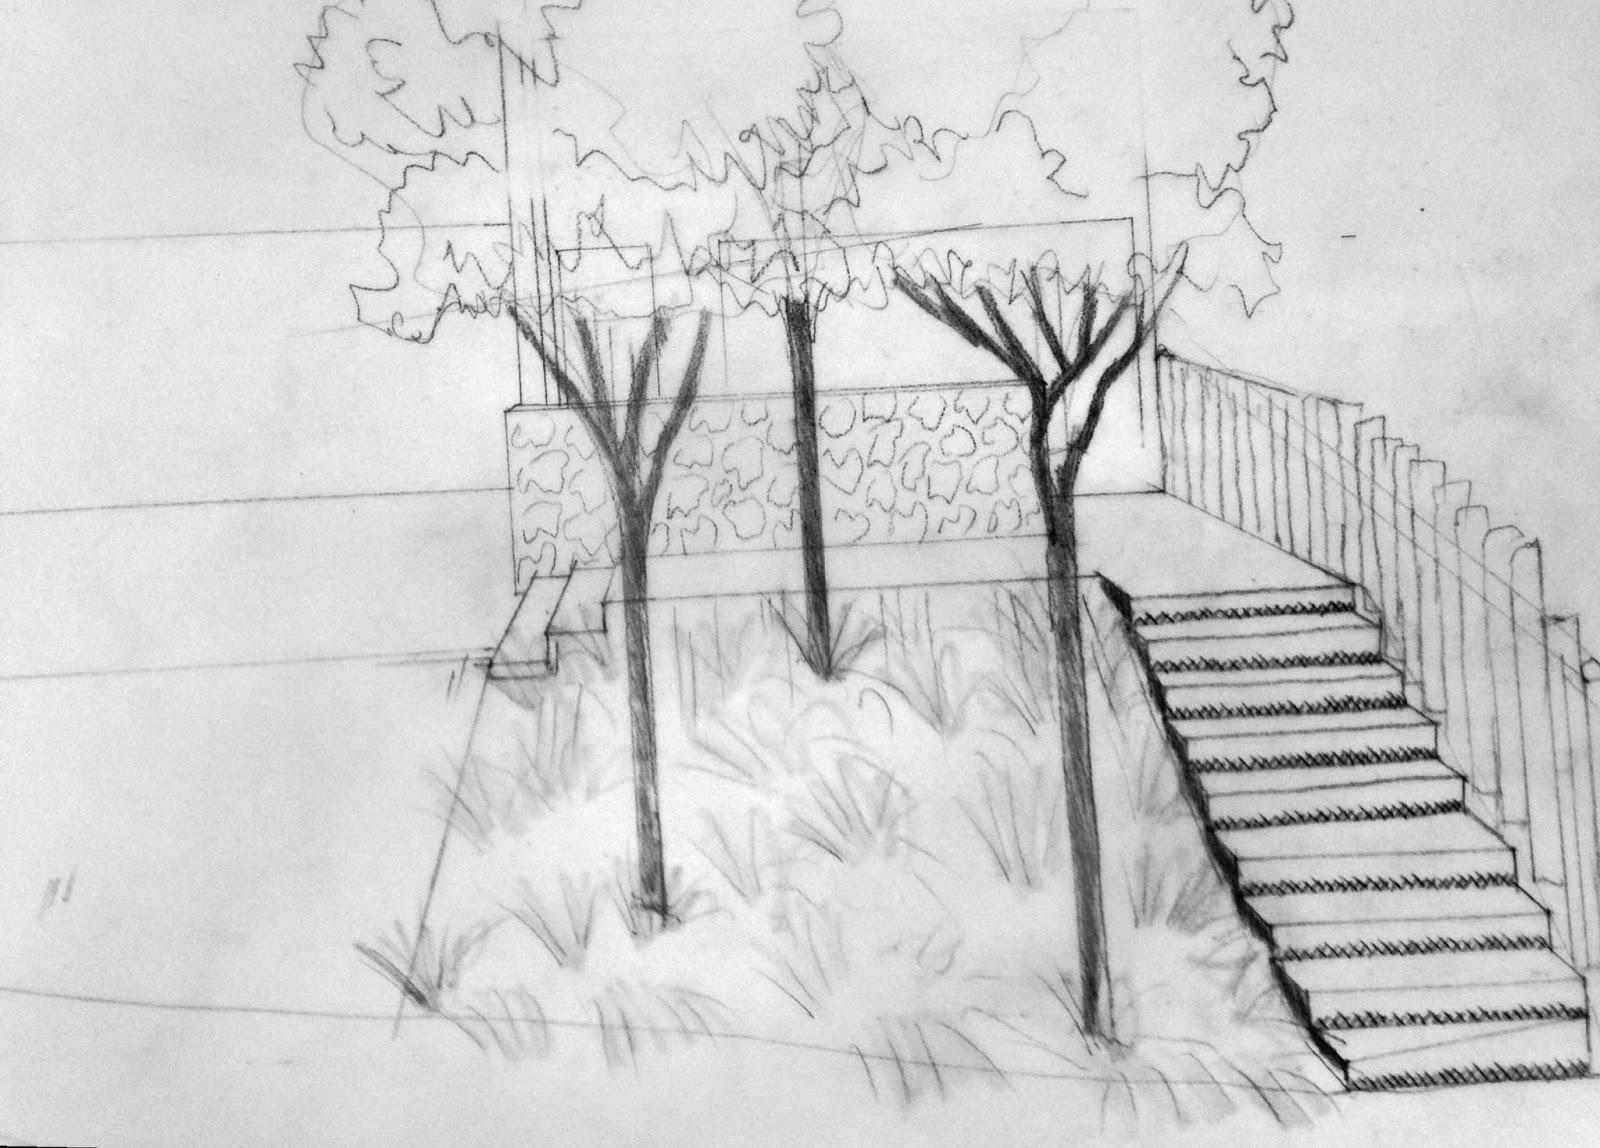 Amado Desenho Artístico & Arquitetura QG34